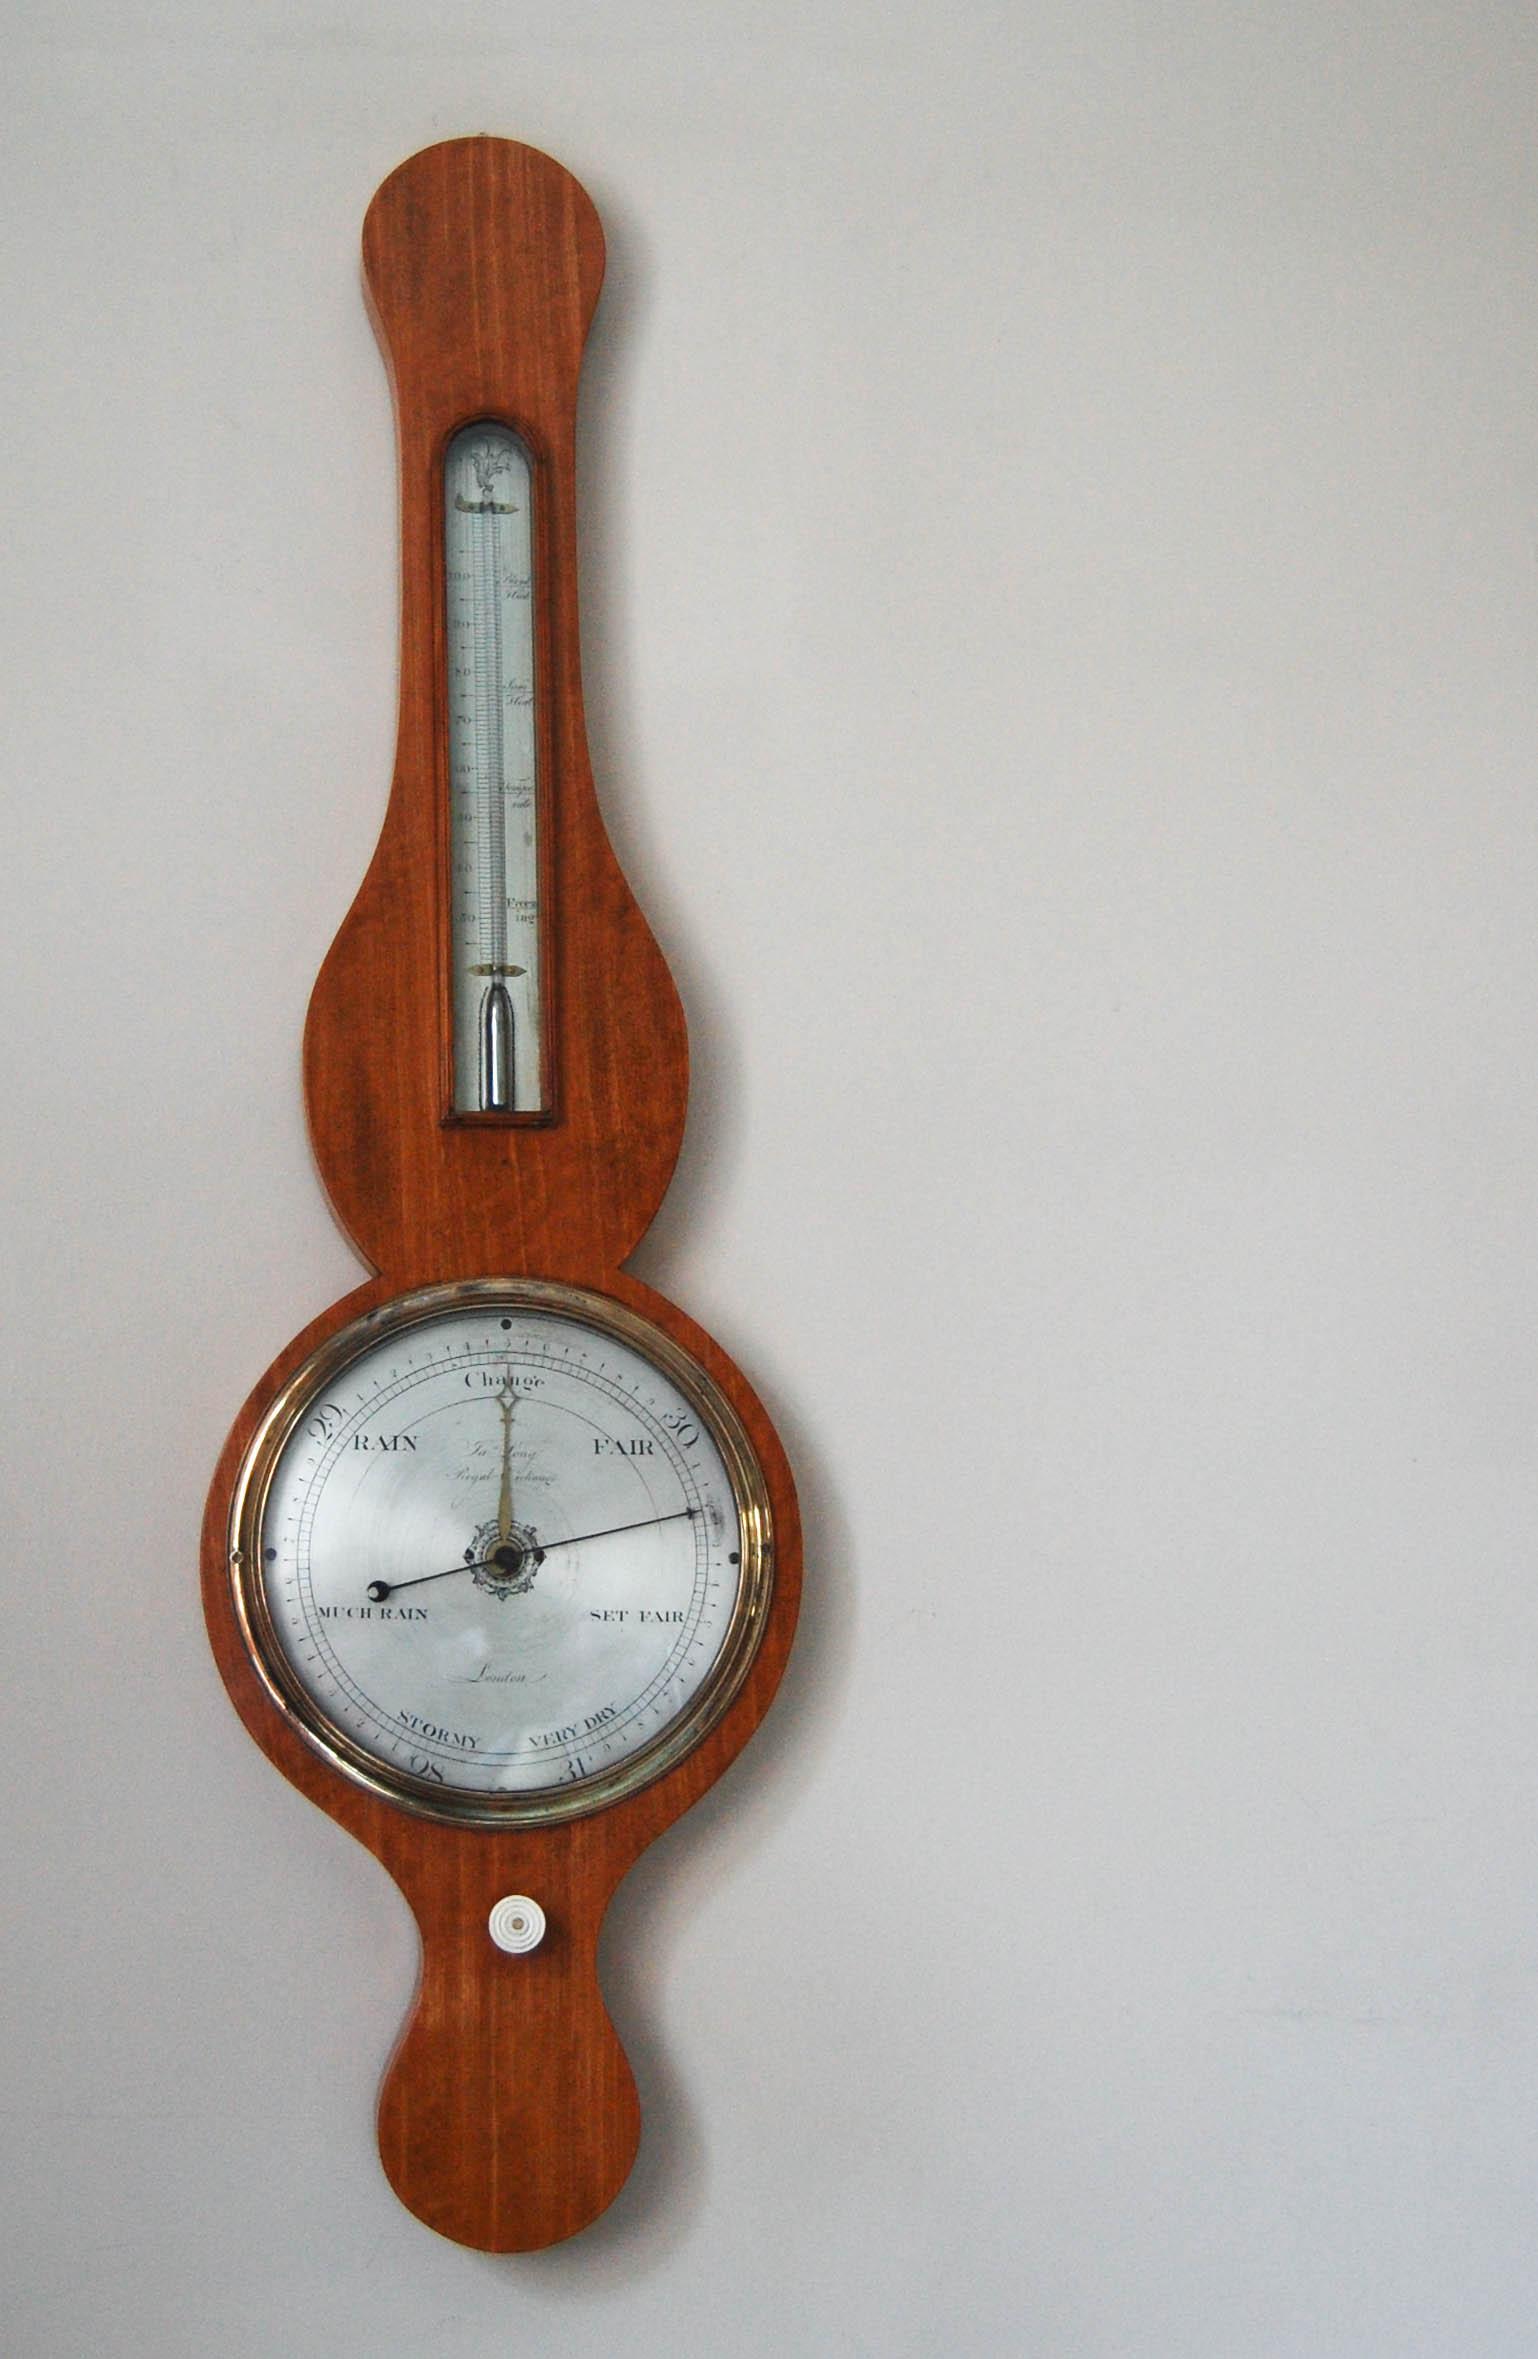 George III Period Satinwood Wheel Barometer by James Long, Royal Exchange, London.